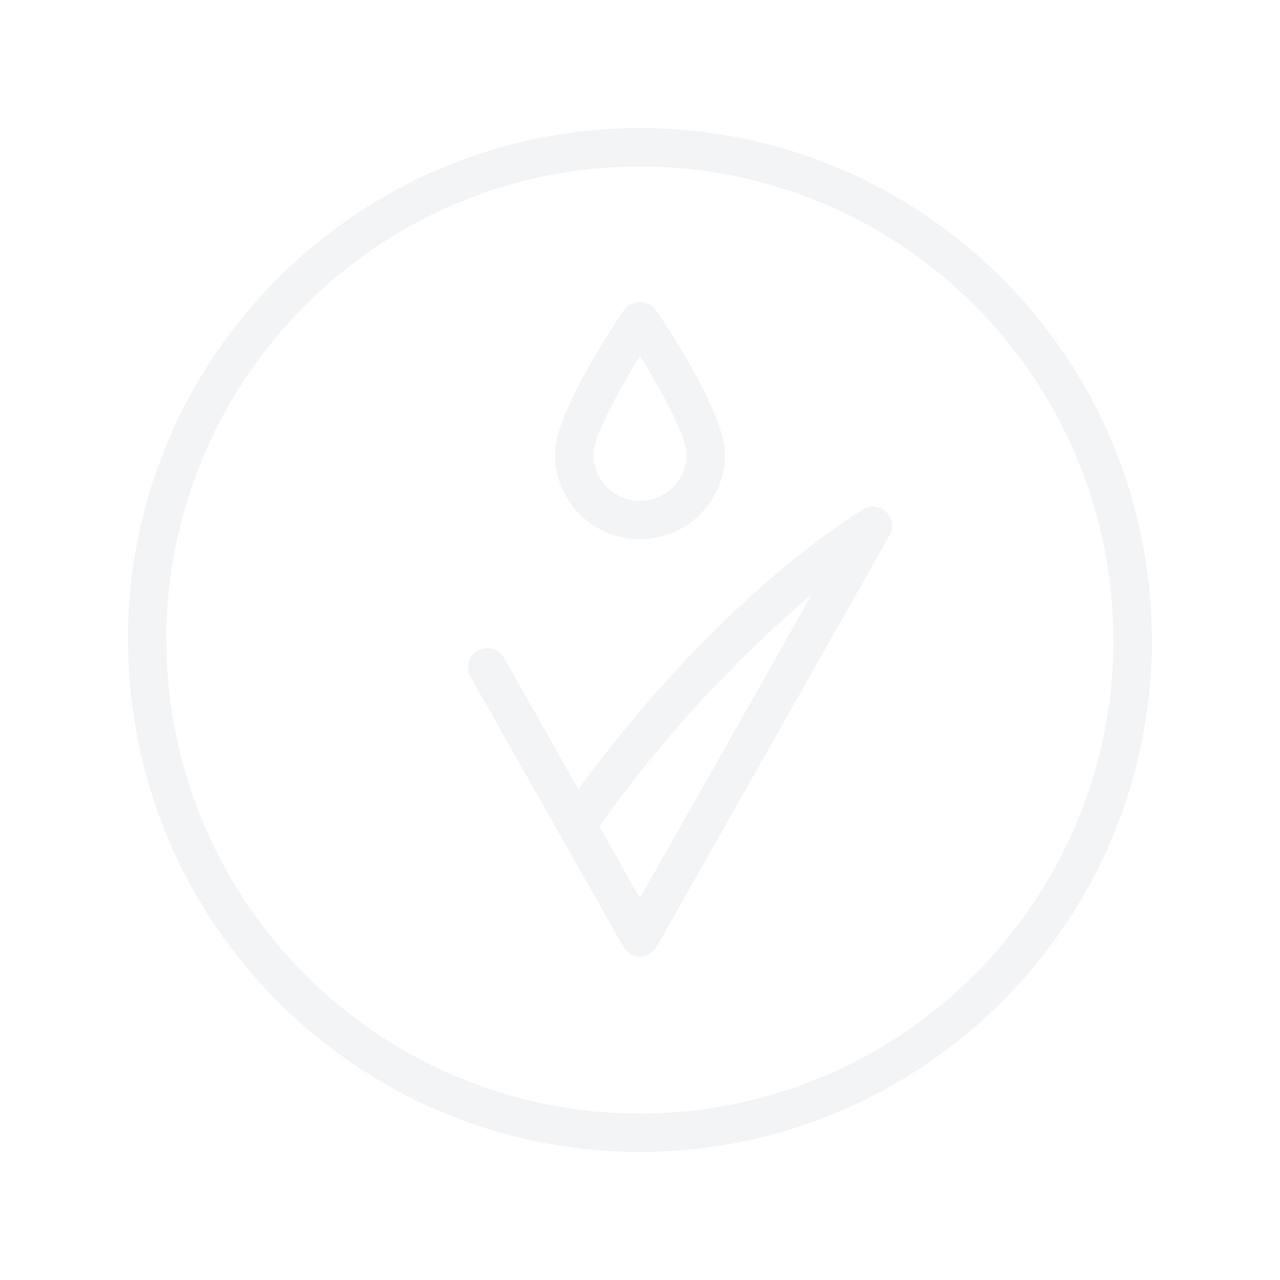 CALVIN KLEIN Ck One Shower Gel 250ml